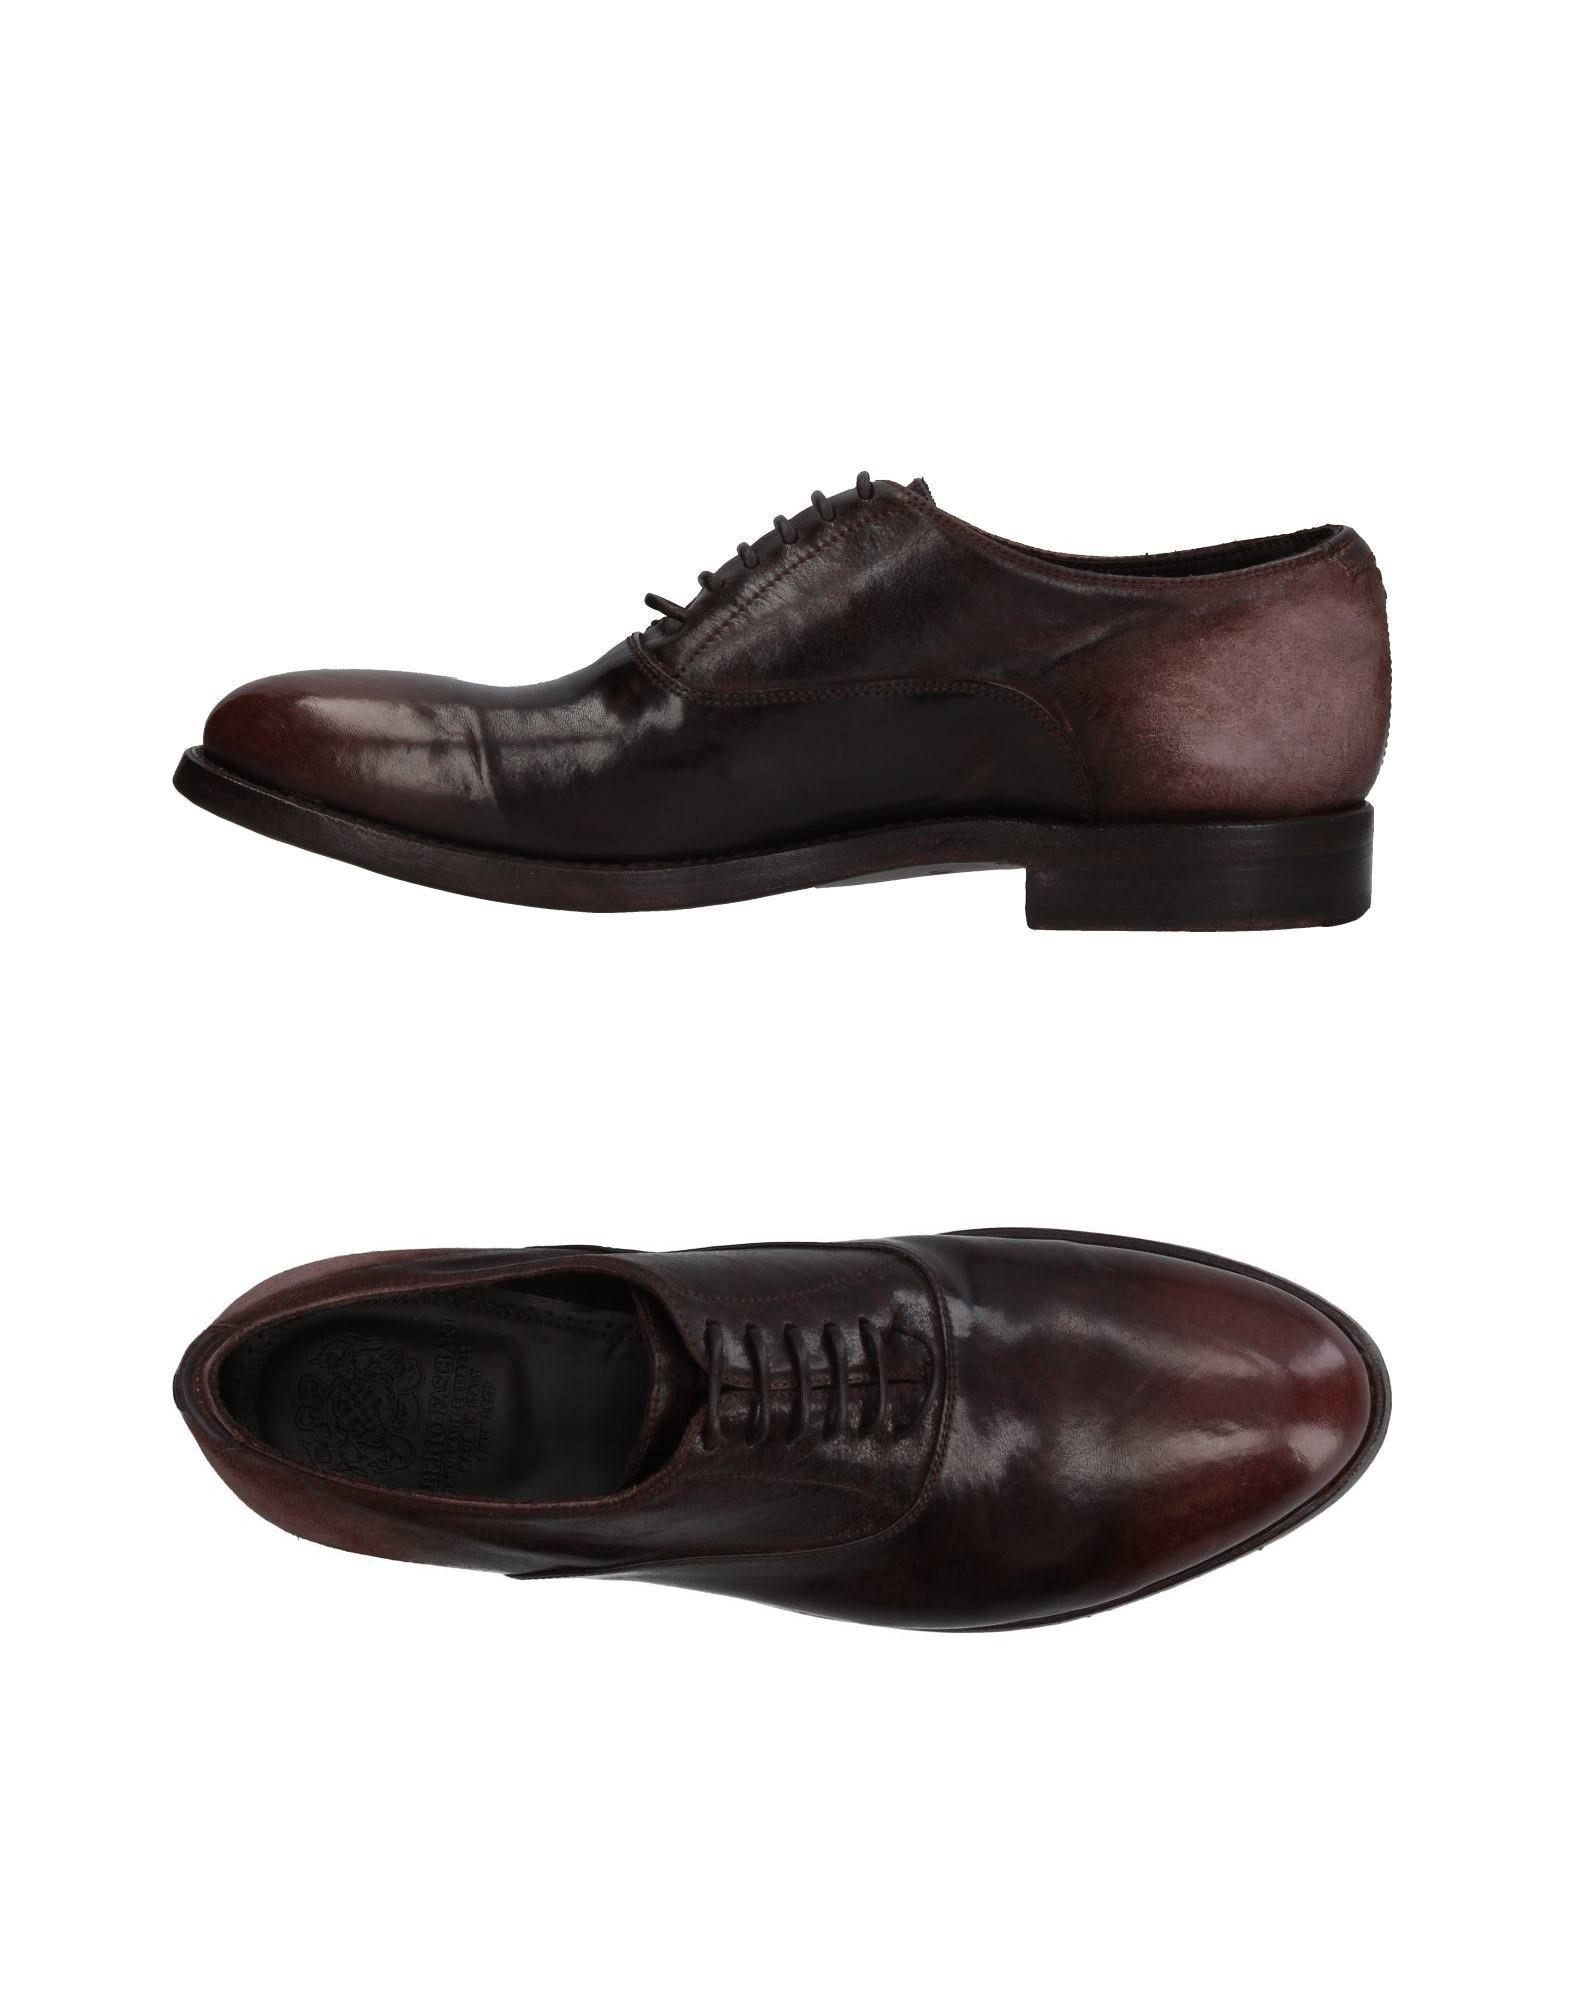 Alberto Fasciani Schnürschuhe Herren  11385630WA Gute Qualität beliebte Schuhe